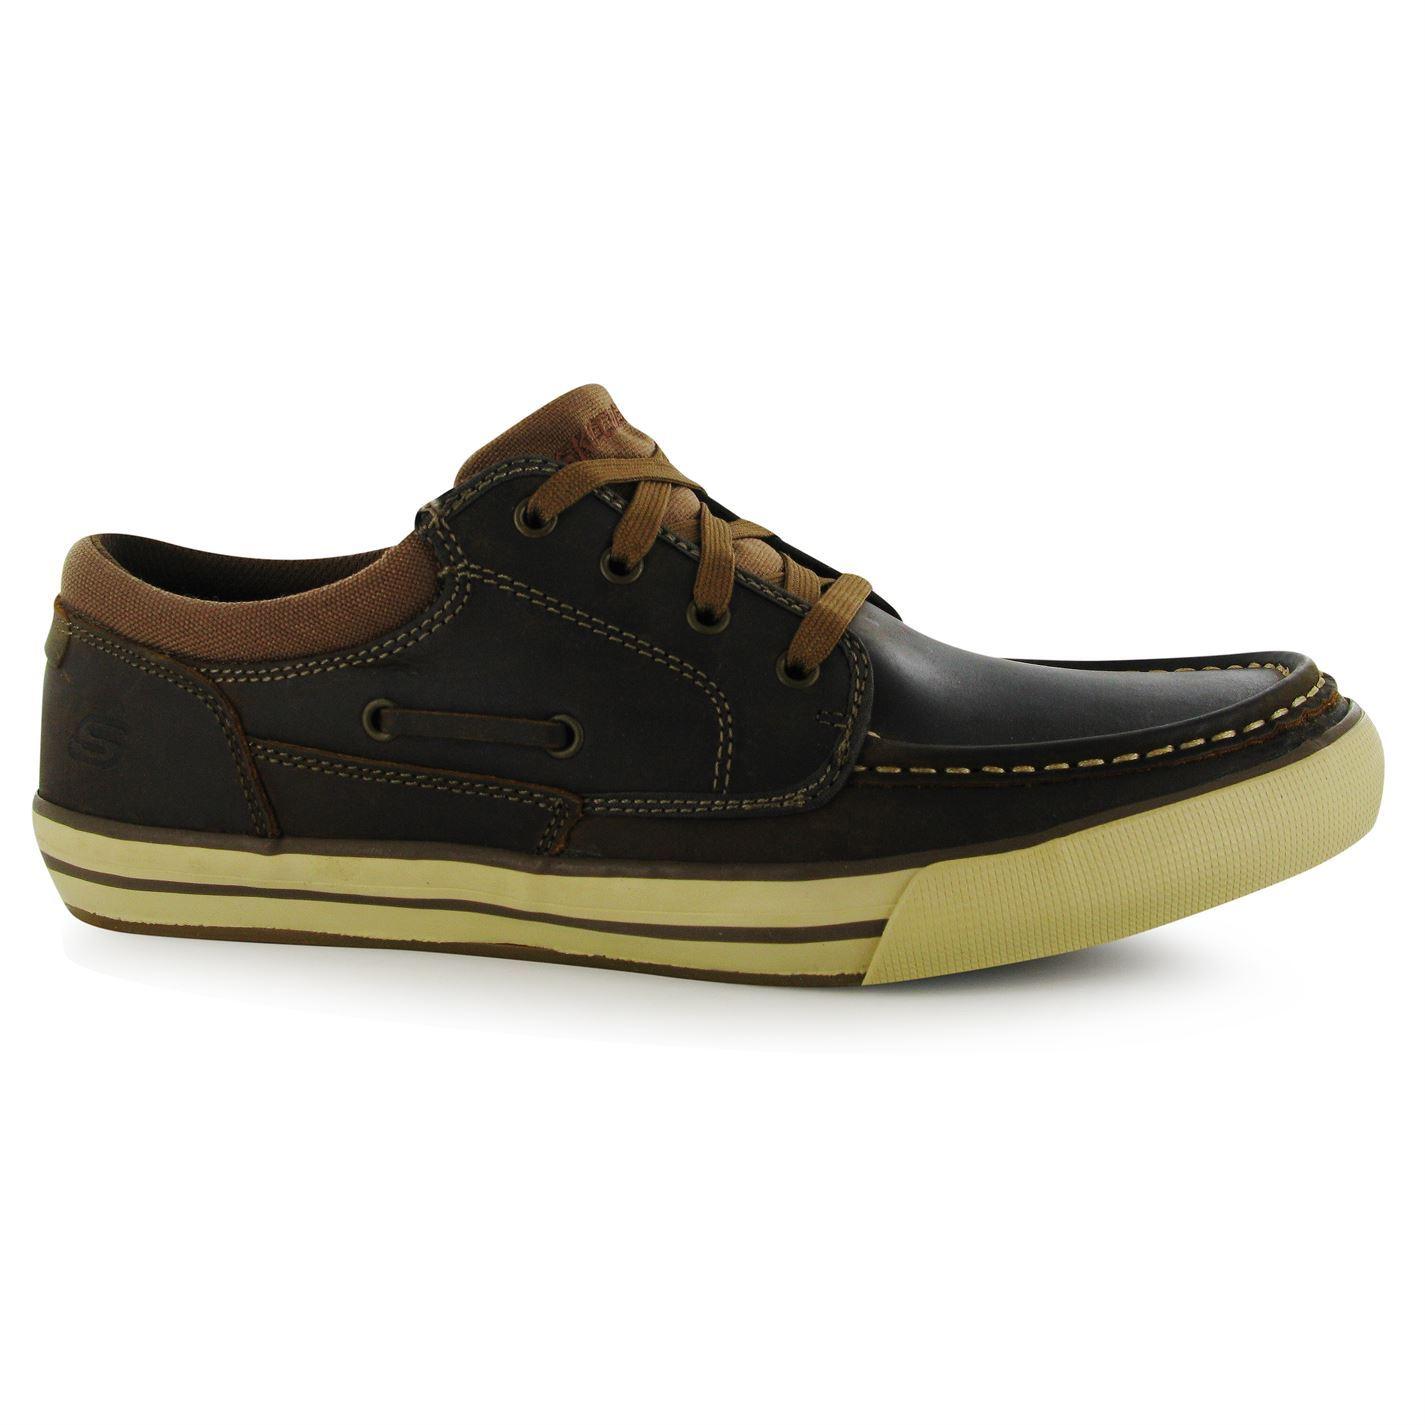 Skechers Planfix Boat Shoe Mens